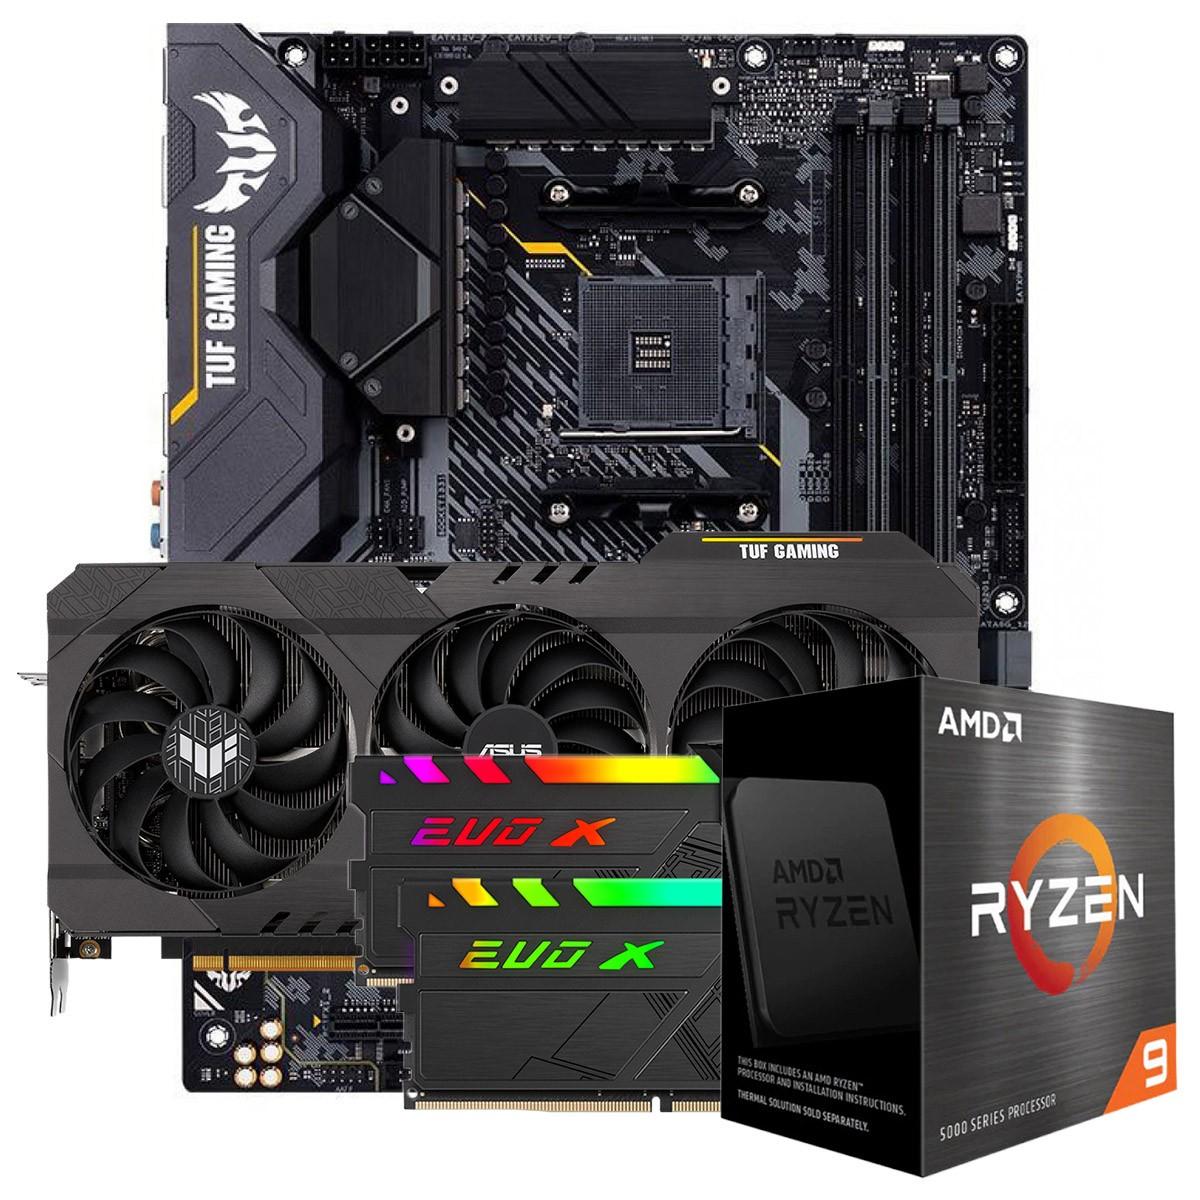 Kit Upgrade ASUS TUF Gaming Radeon RX 6700 XT OC + AMD Ryzen 9 5900X + ASUS TUF Gaming X570-Plus + Memória DDR4 16GB (2x8GB) 3600MHz